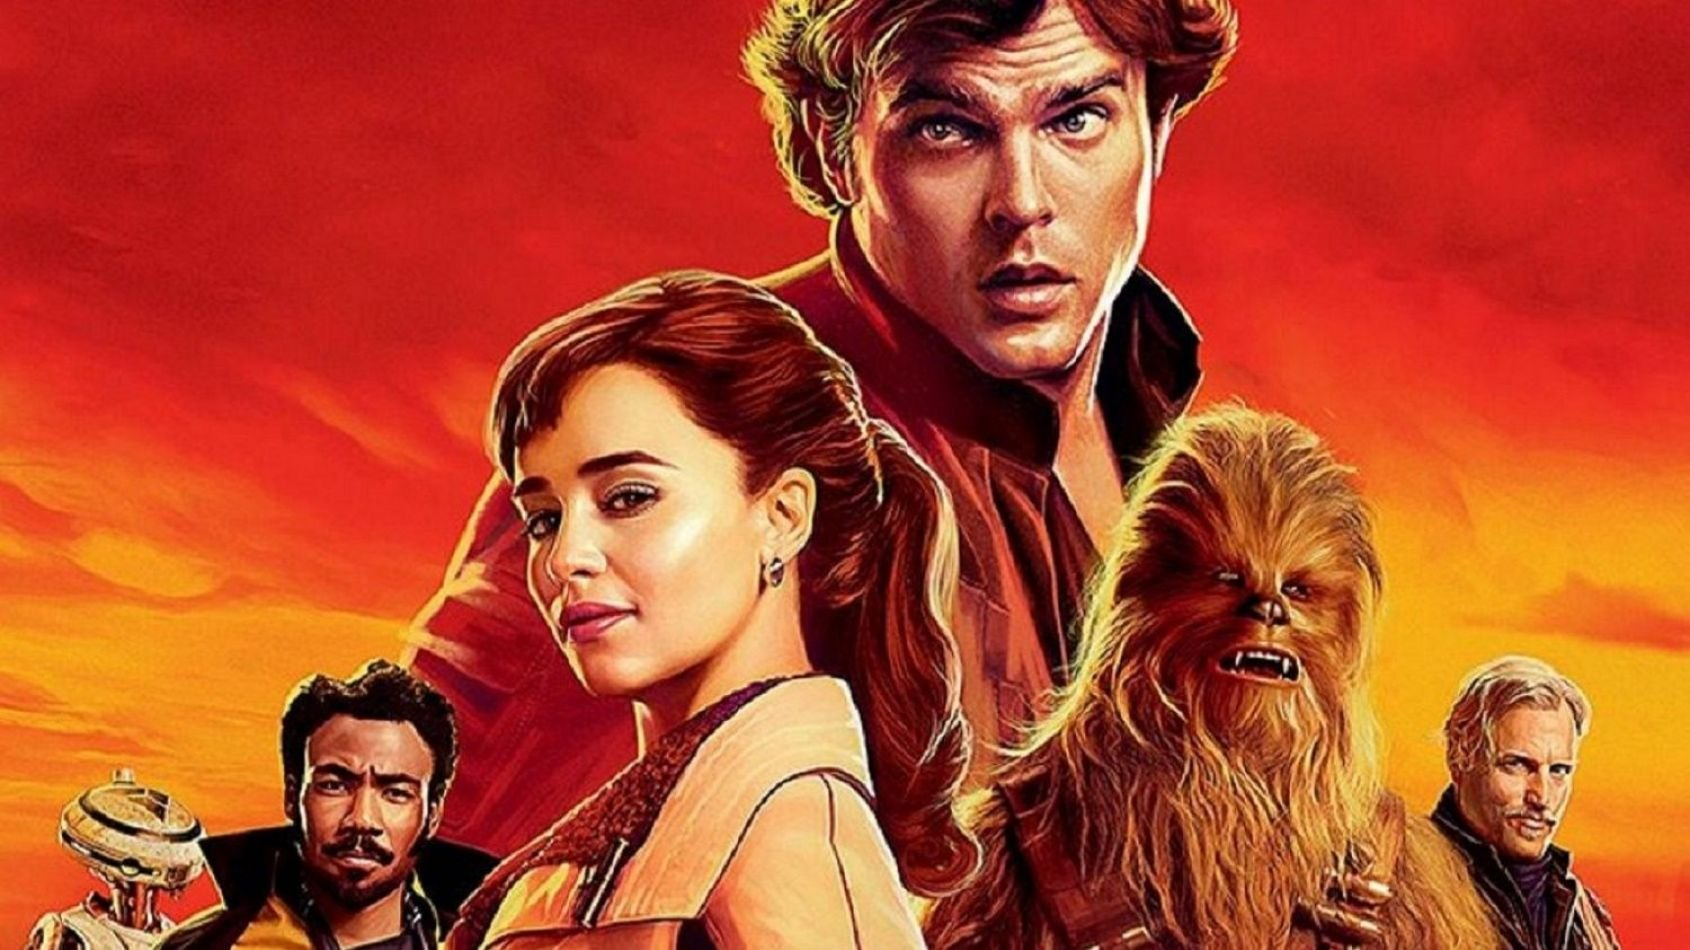 Démarrage compliqué au box office pour Solo